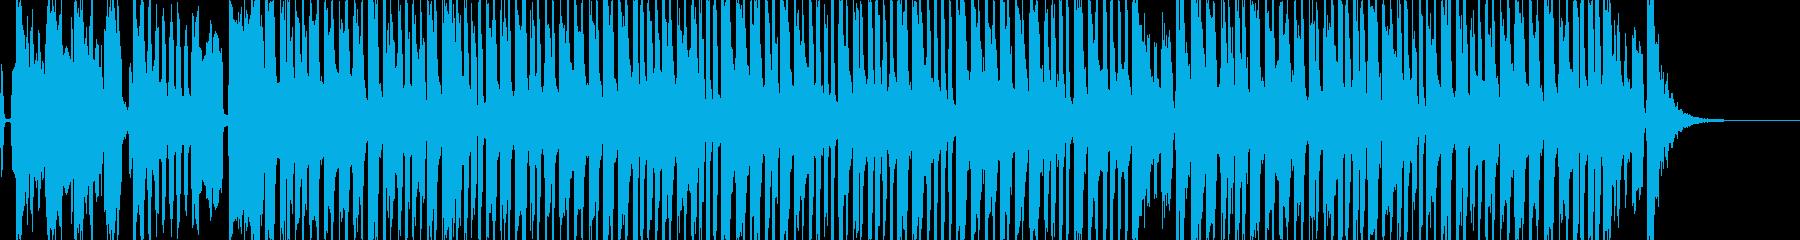 子供向けのわんぱくなマーチBGMの再生済みの波形